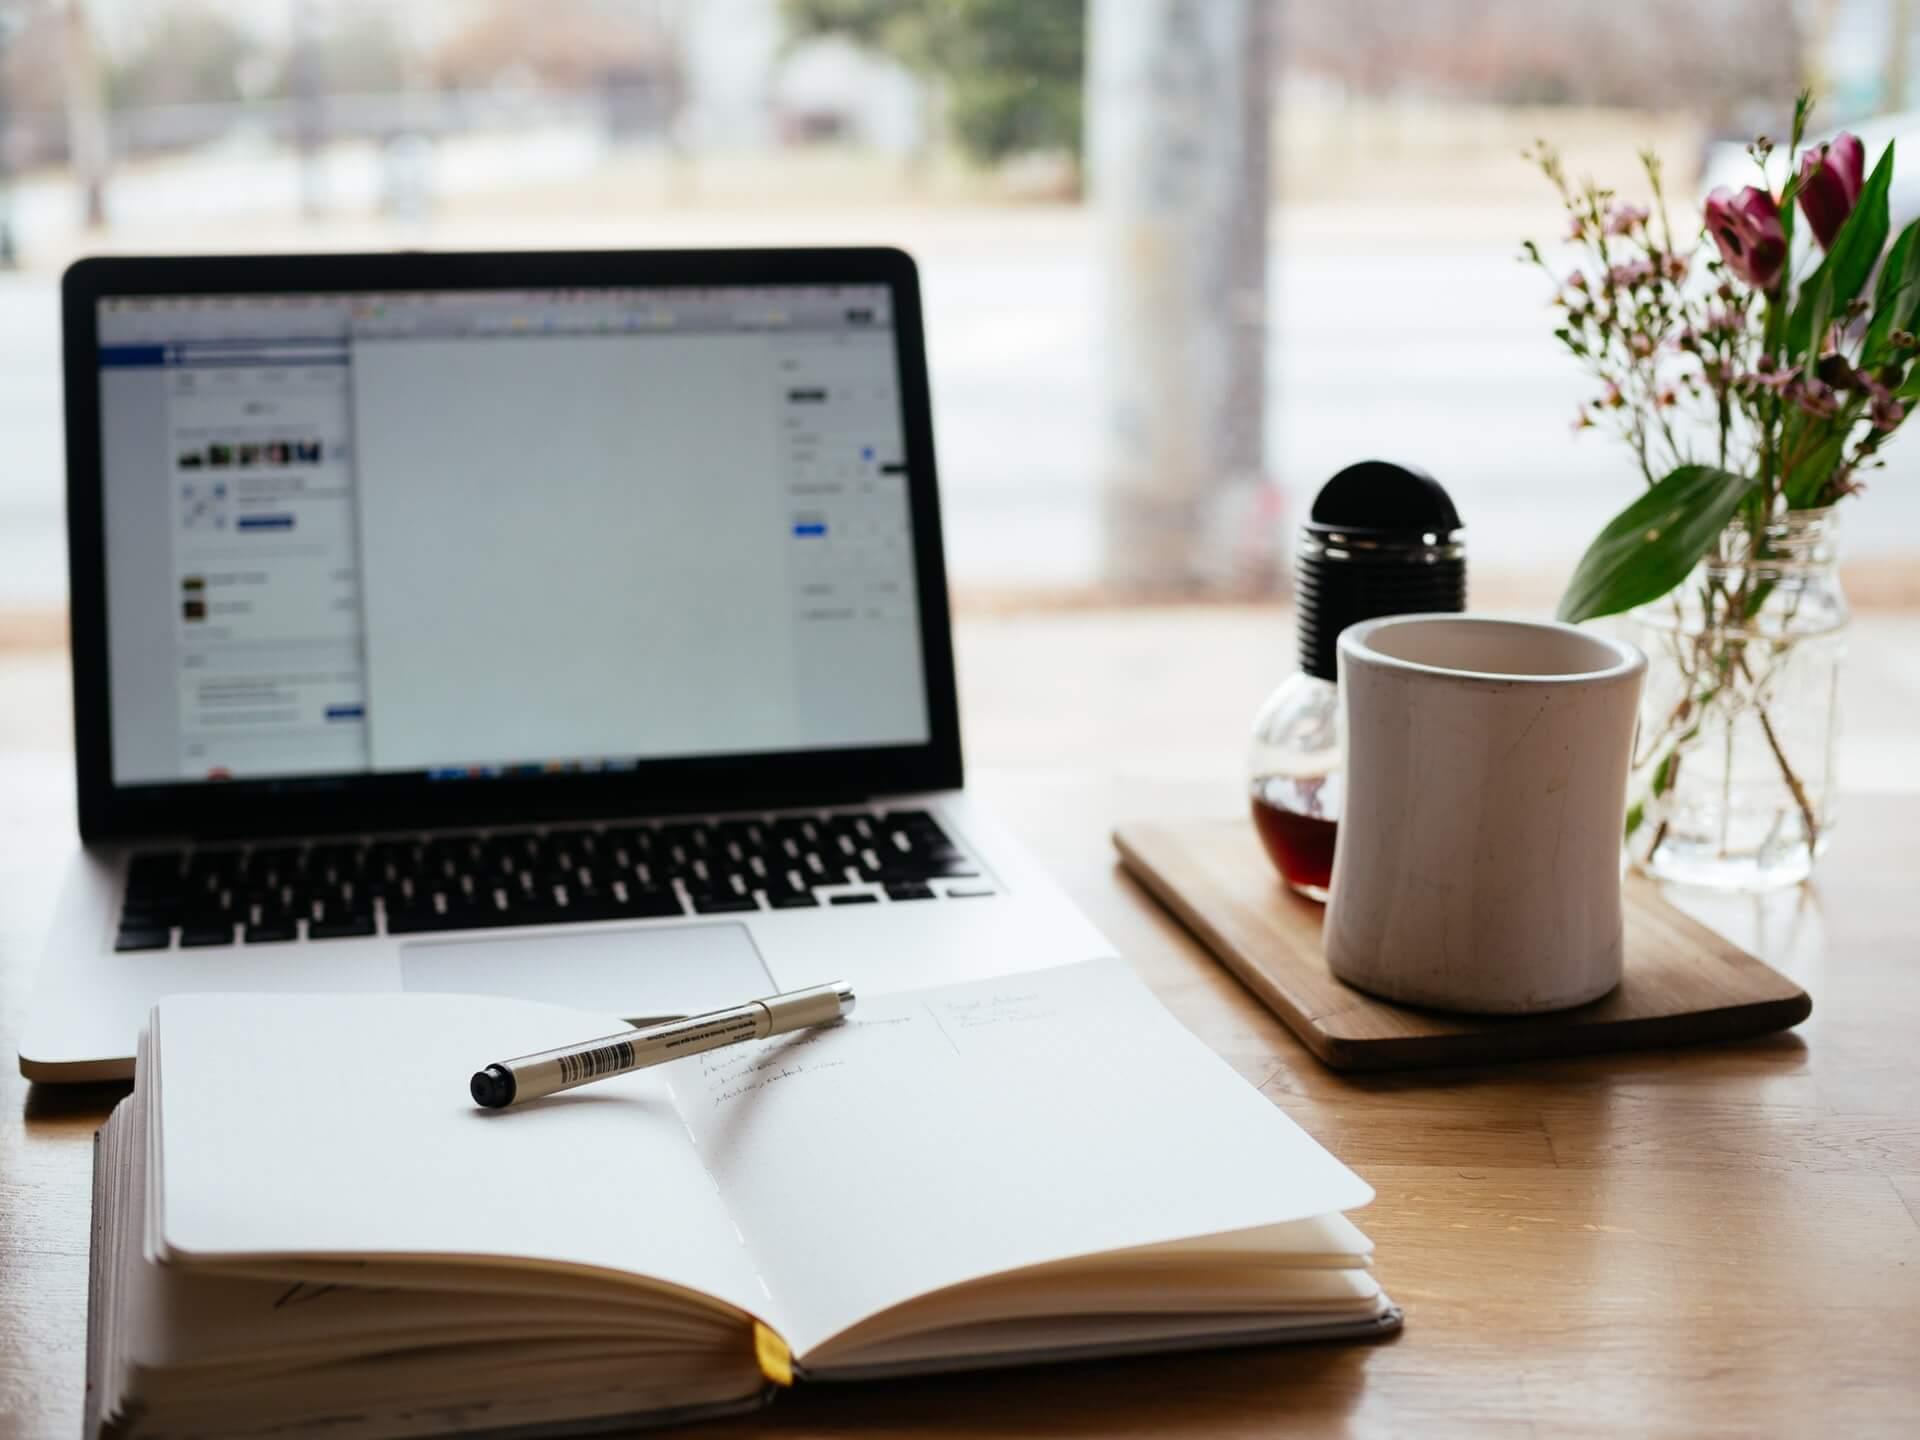 Carnet de note ouvert devant un ordi pour écrire - Photo by Nick Morrison on Unsplash